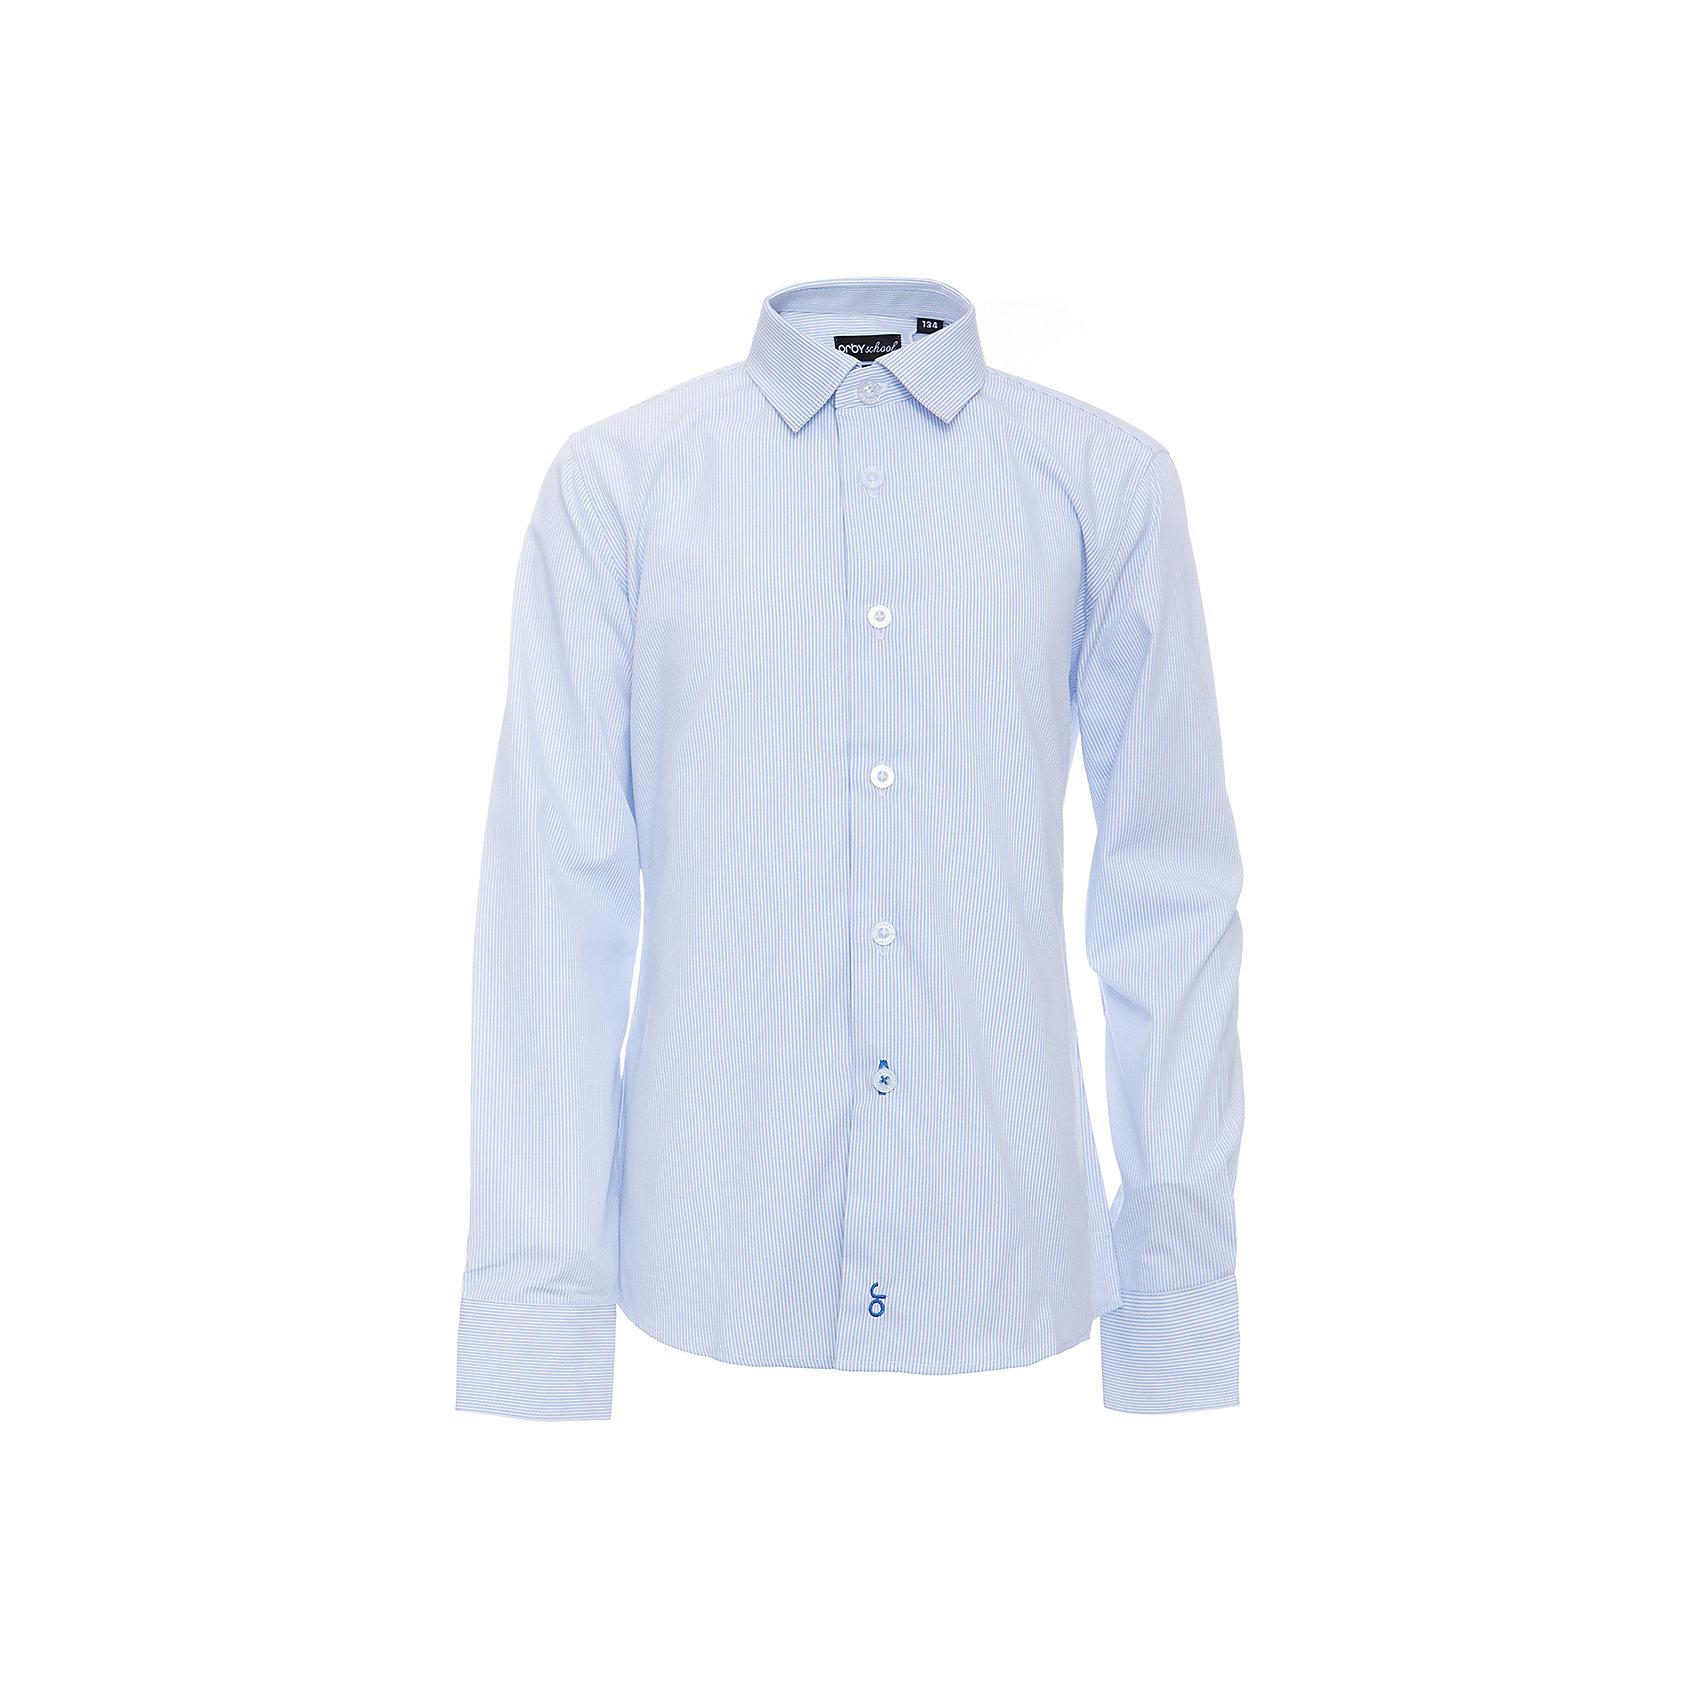 Рубашка для мальчика OrbyБлузки и рубашки<br>Характеристики товара:<br><br>• цвет: голубой<br>• состав ткани: 40% хлопок, 60% ПЭ<br>• особенности: школьная, праздничная<br>• длинные рукава<br>• застежка: пуговицы<br>• контрастный воротник и манжеты<br>• сезон: круглый год<br>• страна бренда: Россия<br>• страна изготовитель: Россия<br><br>Голубая рубашка в полоску для мальчика Orby - отличный способ разнообразить гардероб. Такая классическая сорочка хорошо дополнит школьную форму. <br><br>Классическая рубашка поможет ребенку выглядеть стильно и чувствовать себя комфортно. Сшита из материала с добавлением натурального хлопка.<br><br>Рубашку для мальчика Orby (Орби) можно купить в нашем интернет-магазине.<br><br>Ширина мм: 174<br>Глубина мм: 10<br>Высота мм: 169<br>Вес г: 157<br>Цвет: голубой<br>Возраст от месяцев: 144<br>Возраст до месяцев: 156<br>Пол: Мужской<br>Возраст: Детский<br>Размер: 158,164,170,122,128,134,140,146,152<br>SKU: 6960343